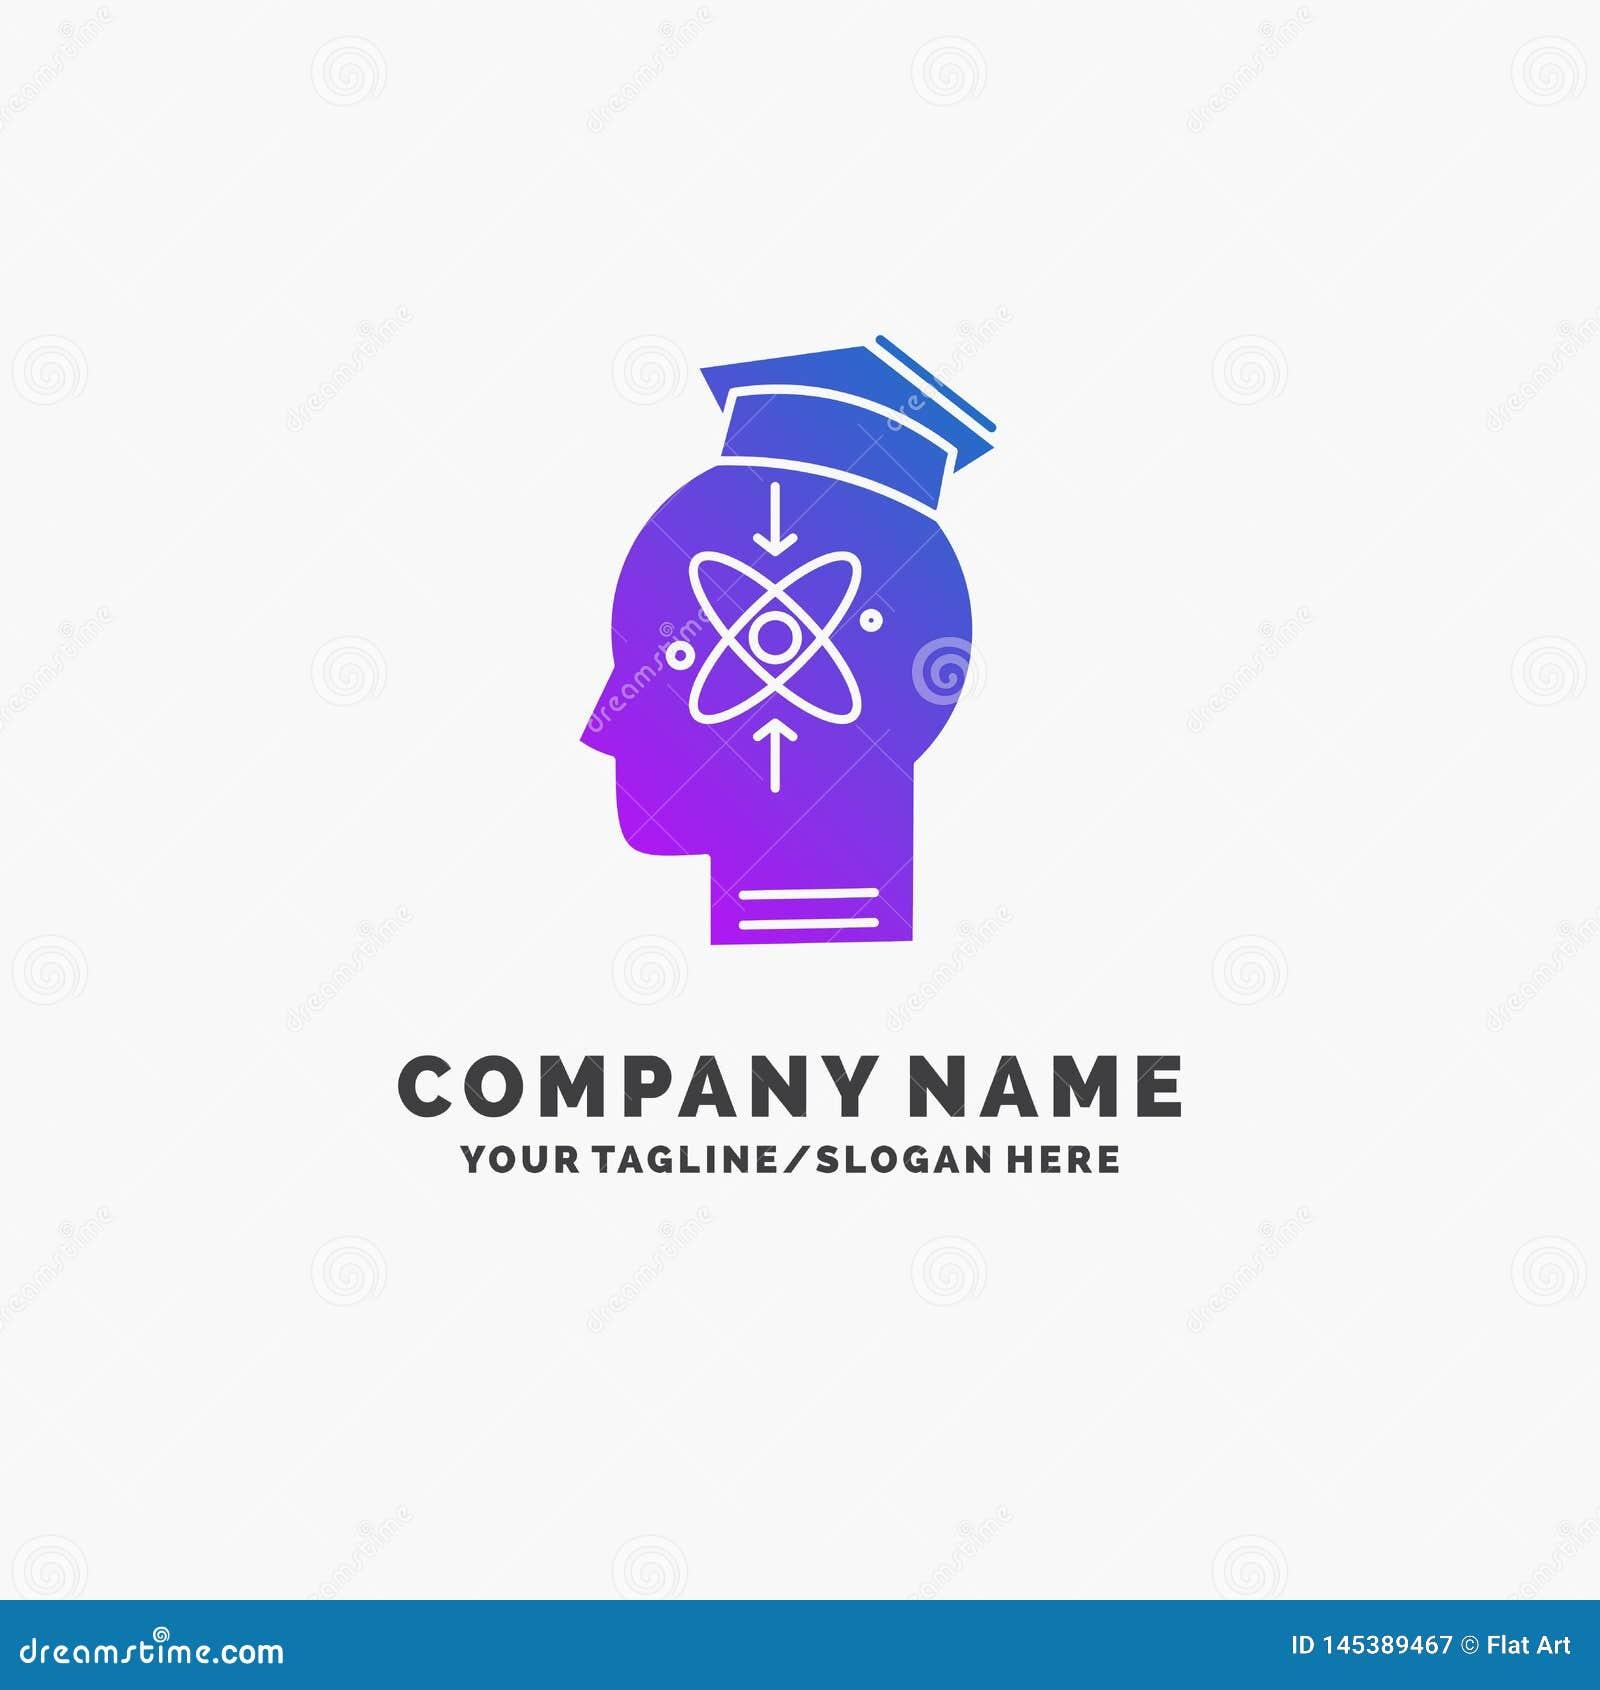 Kapacitet huvud, m?nniska, kunskap, expertislilaaff?r Logo Template St?lle f?r Tagline